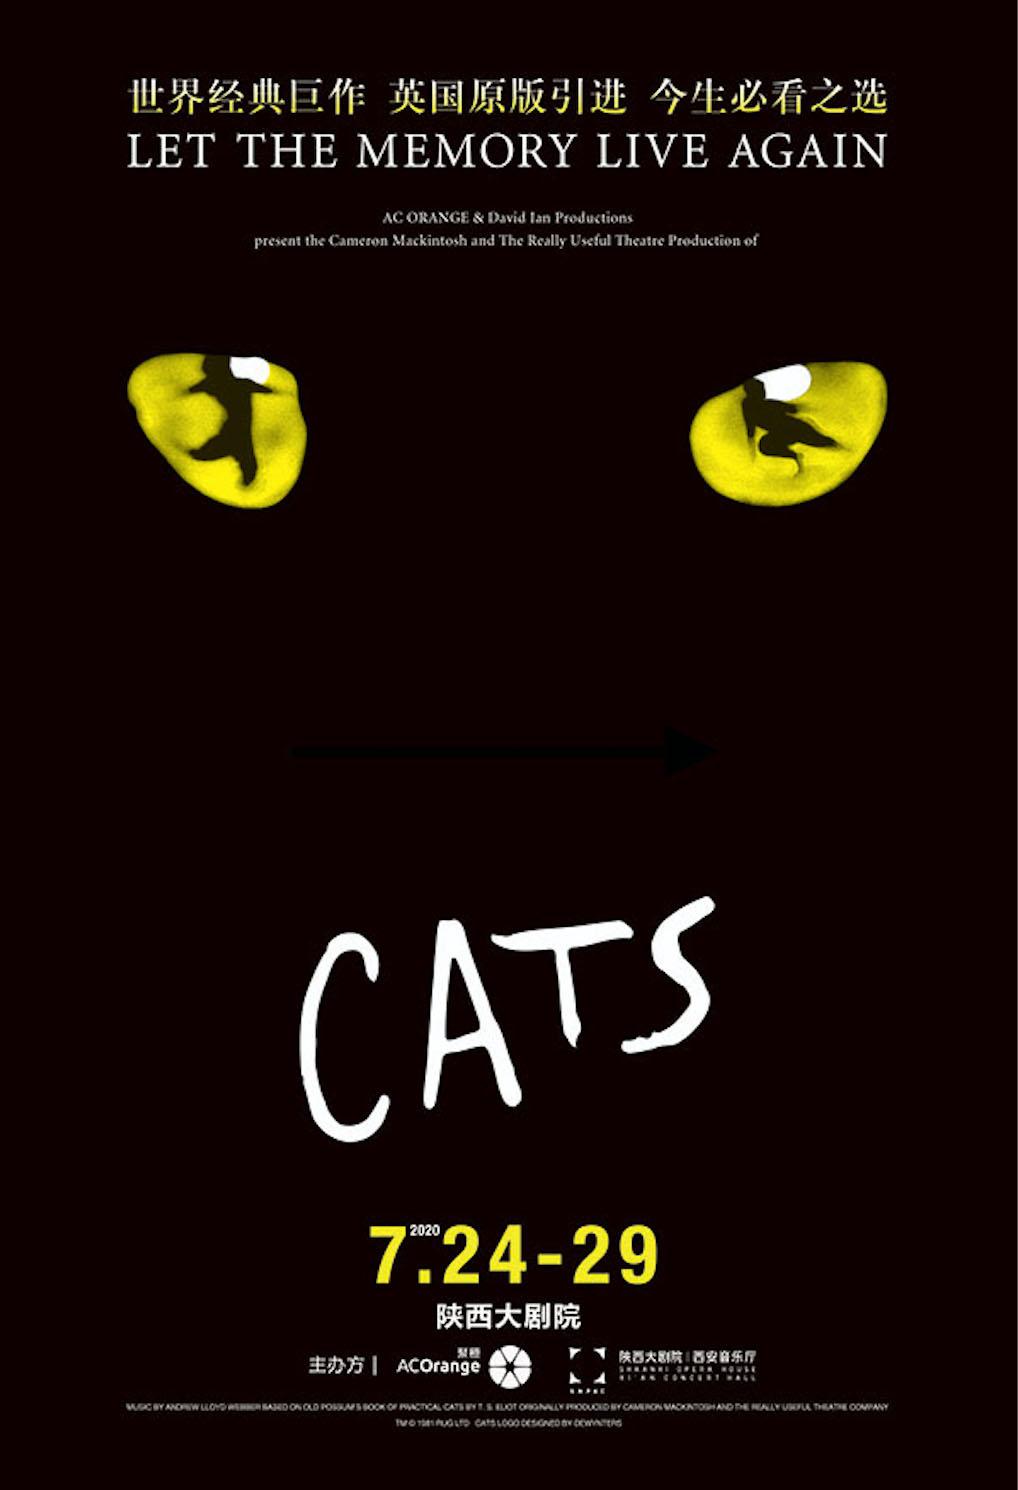 世界經典原版音樂劇《貓》CATS